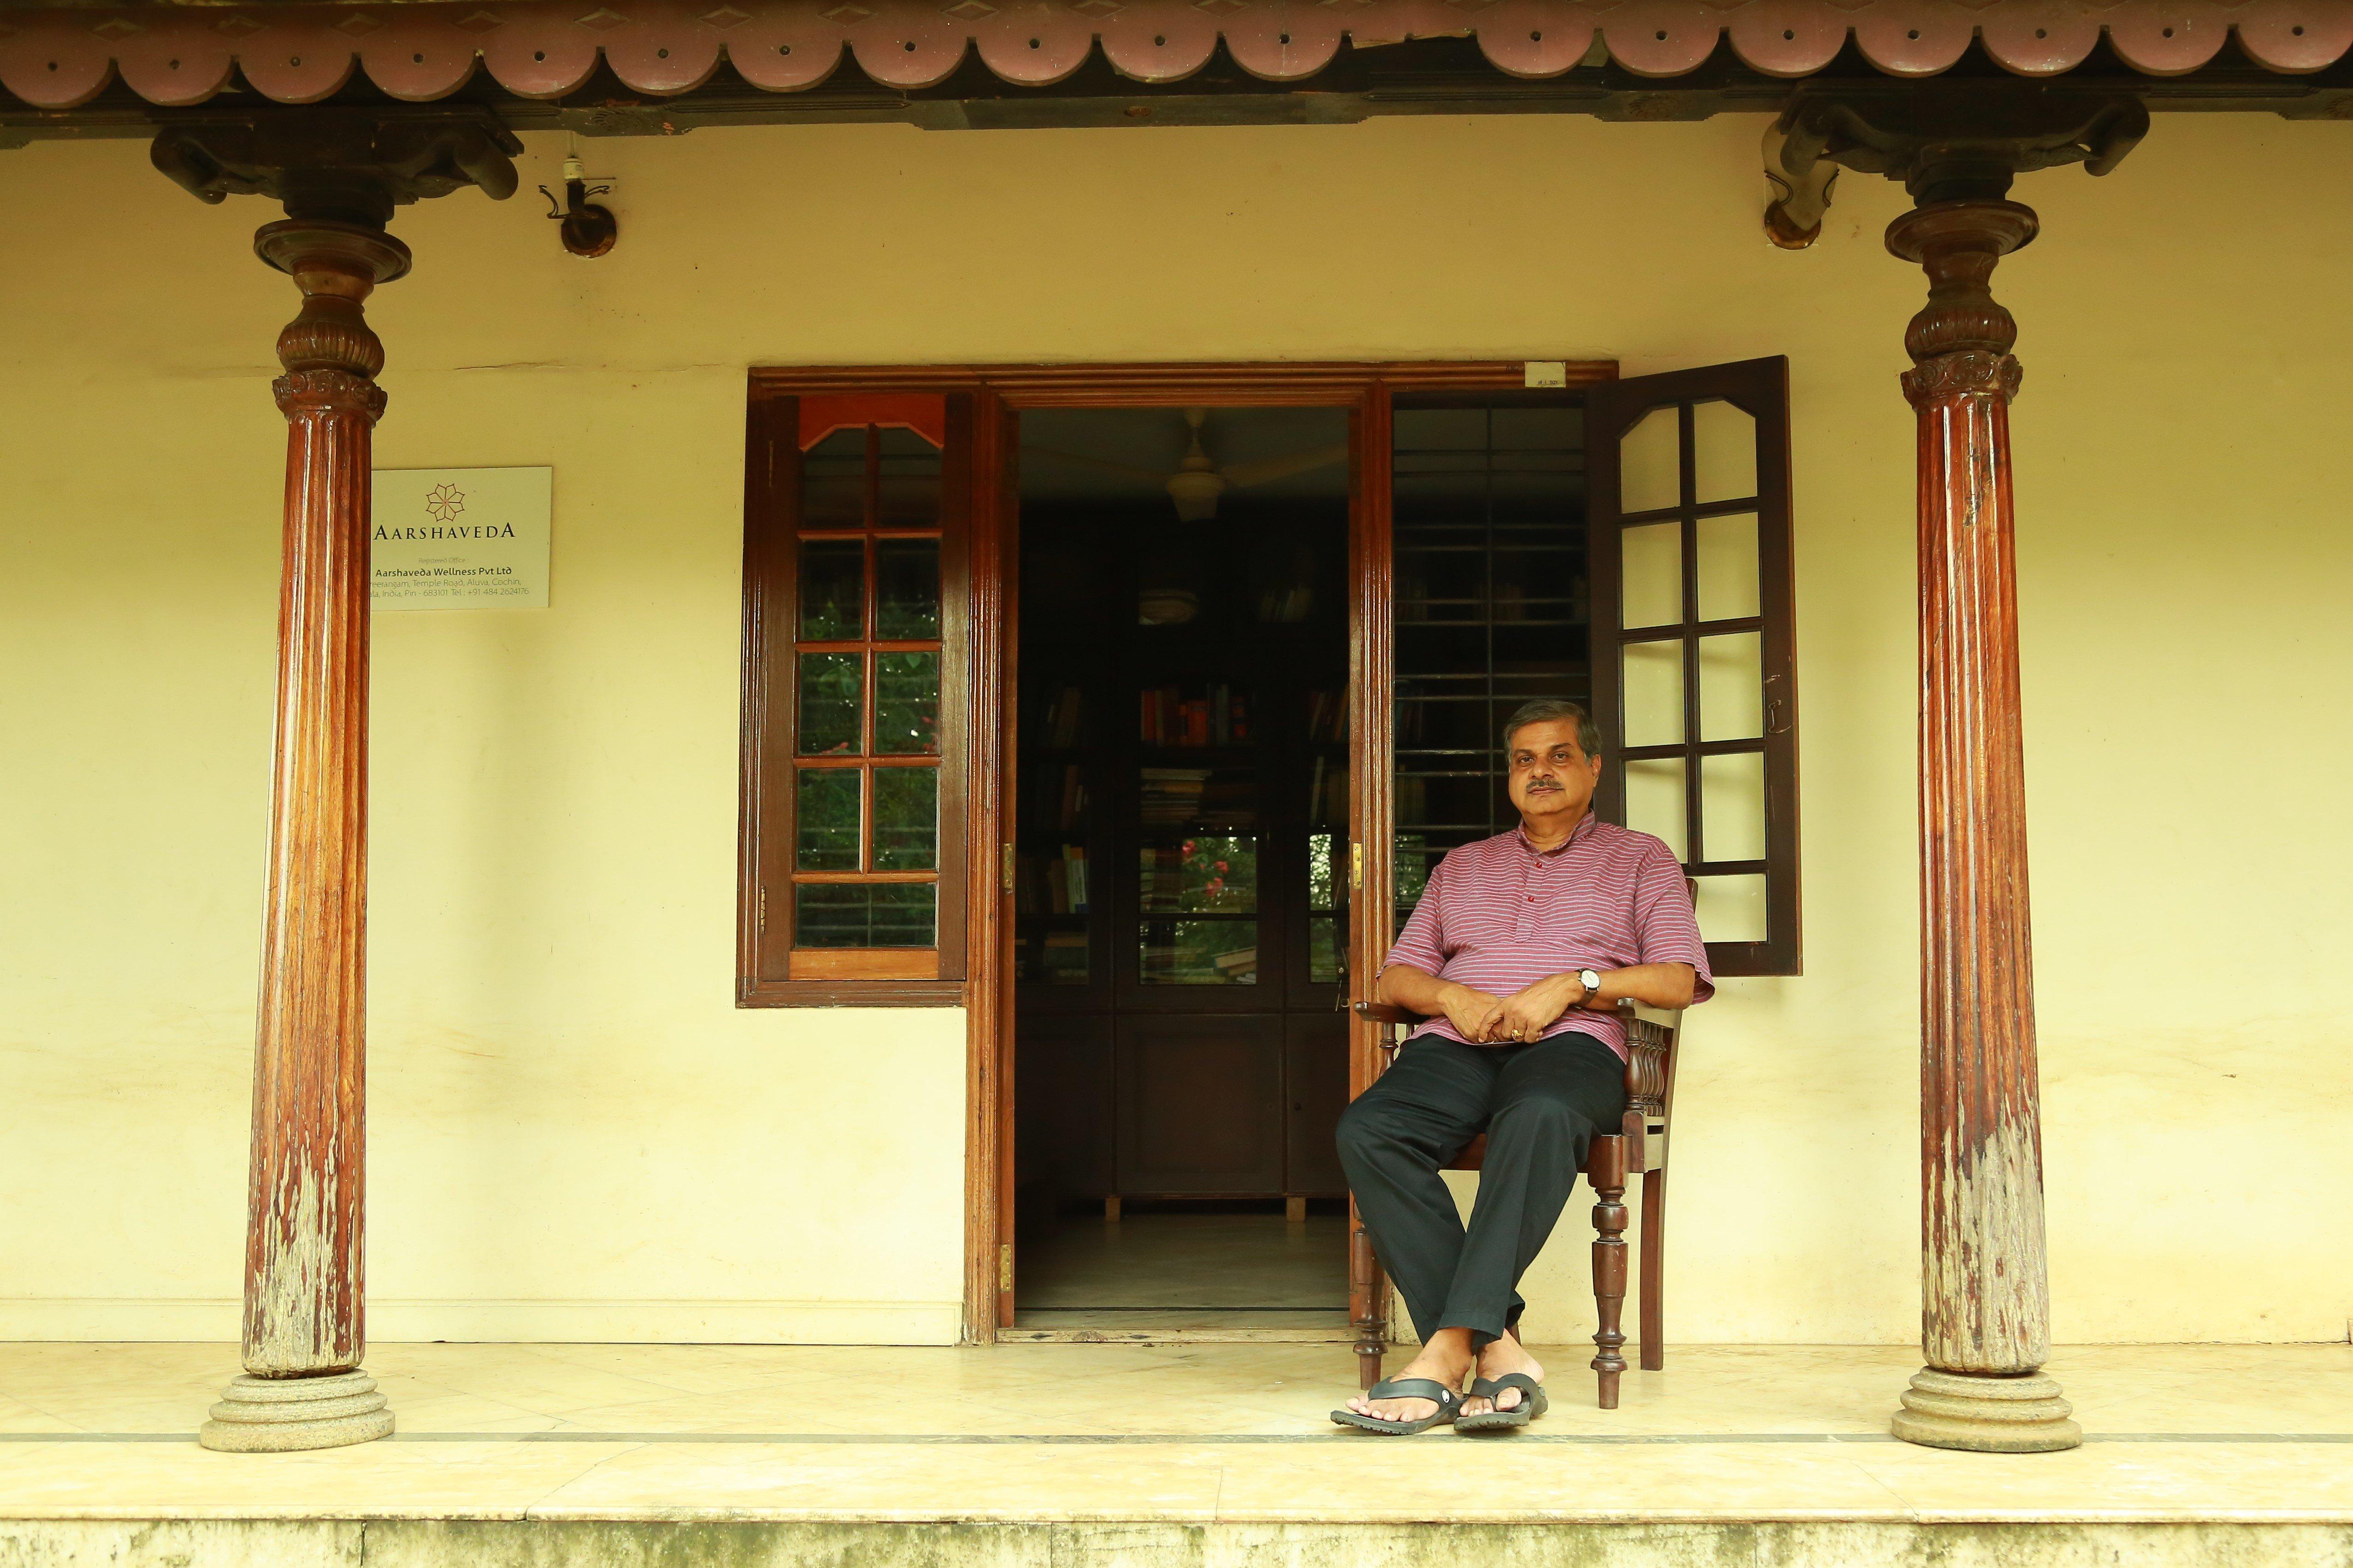 Office of online selling Ayurveda brand Aarshaveda